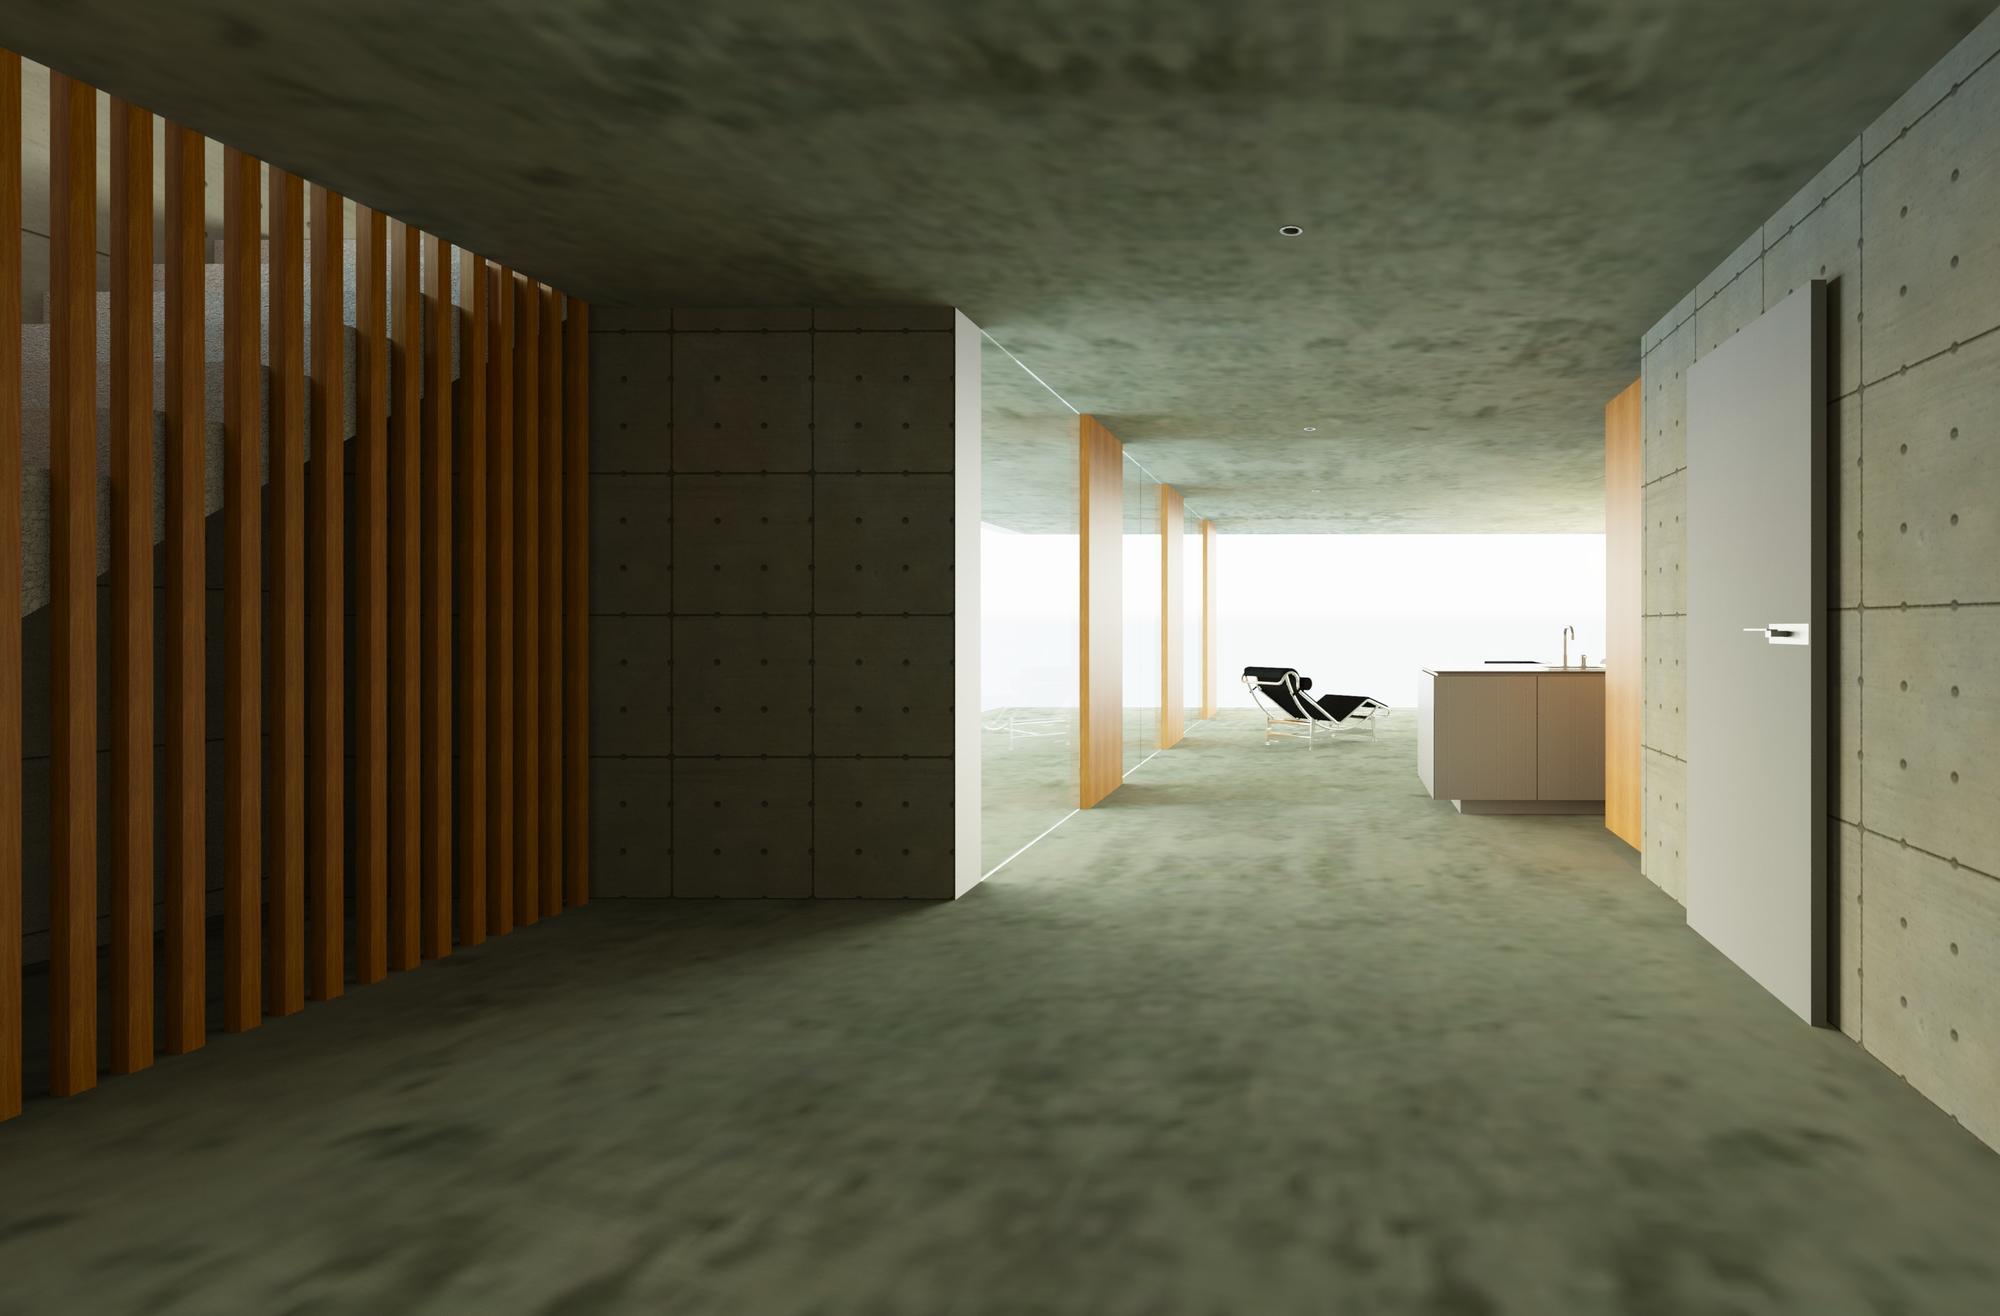 Raas-rendering20140920-20034-2r5thz